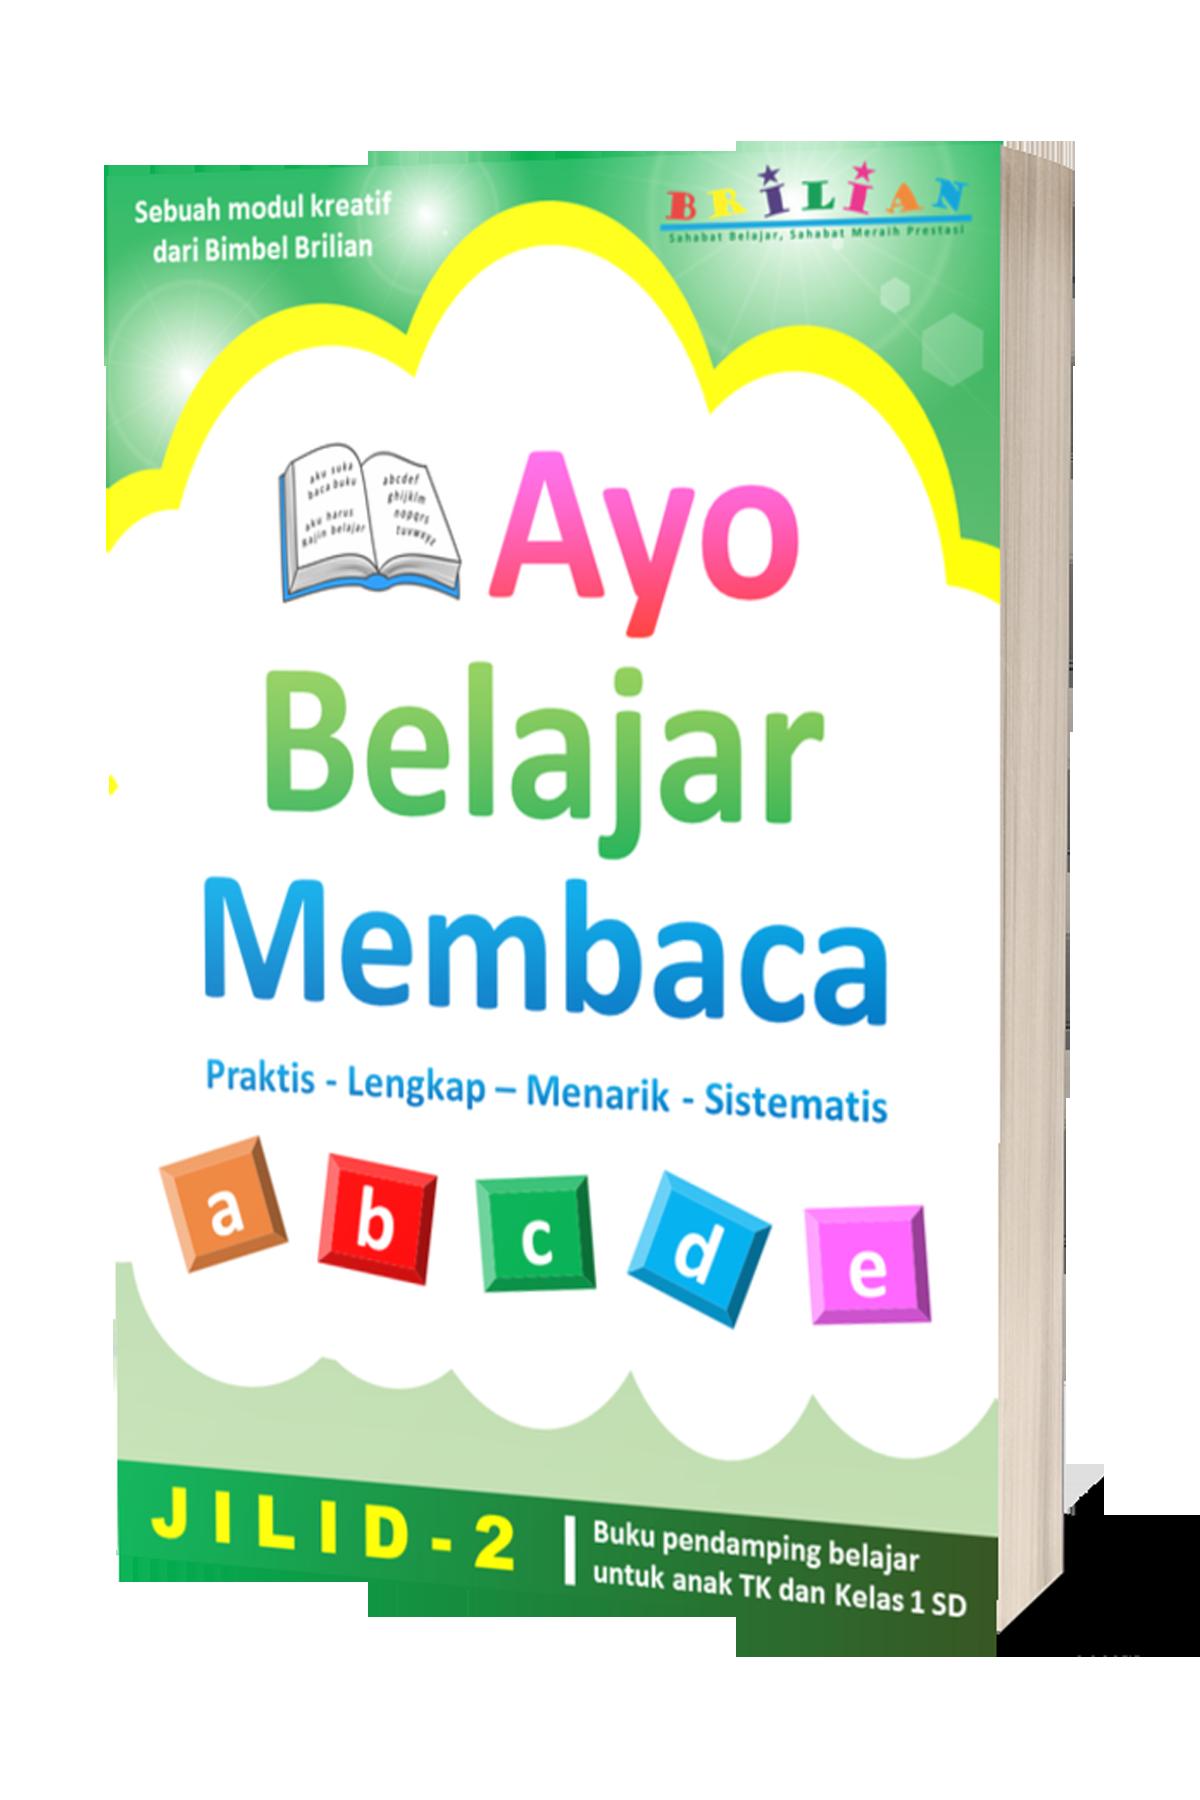 Modul Belajar Membaca